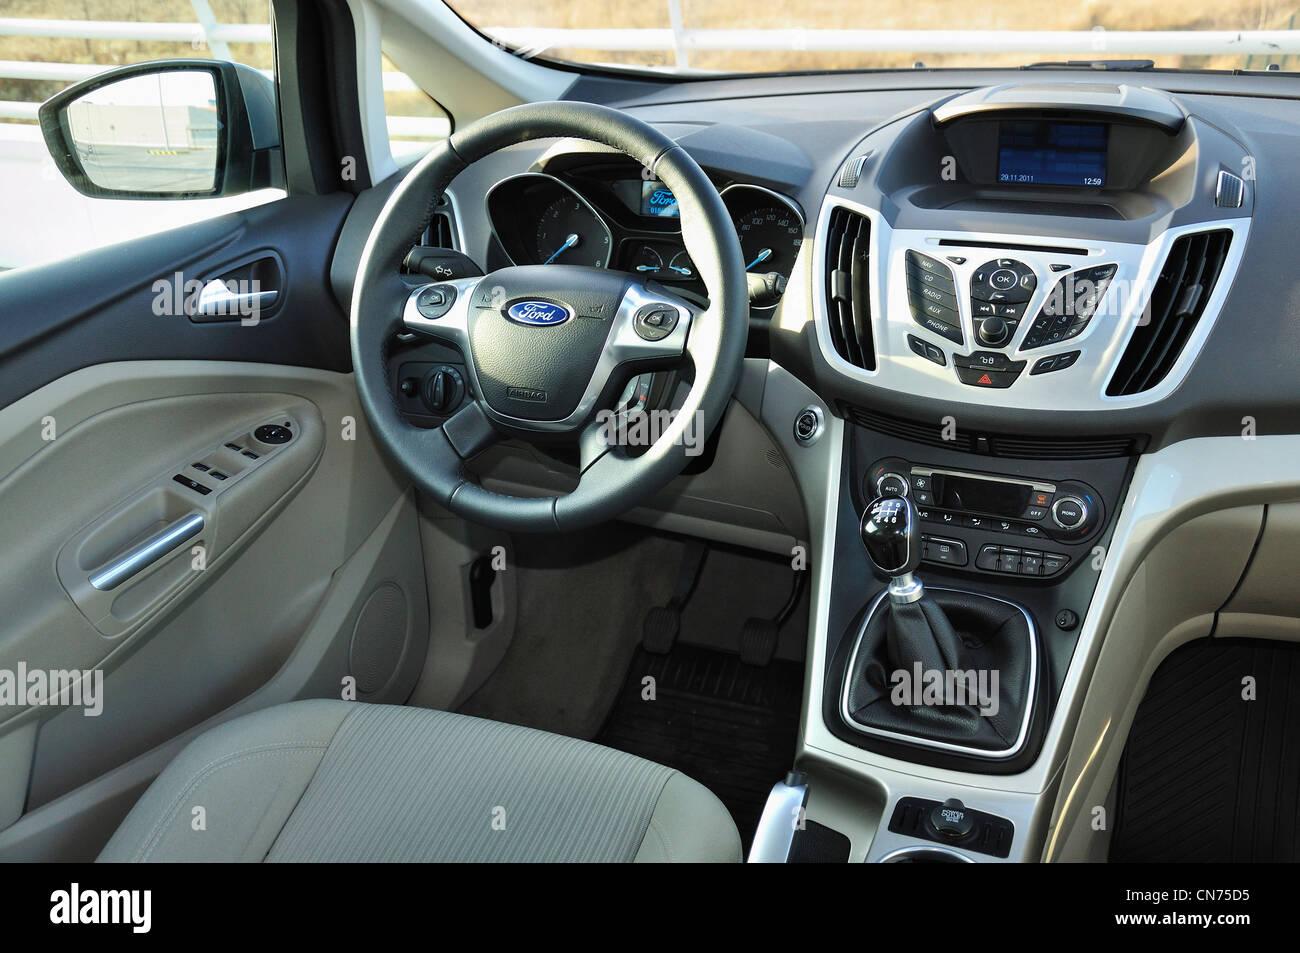 Ford Grand C Max Mein 2011 Beliebte Deutsche Kompakten Multi